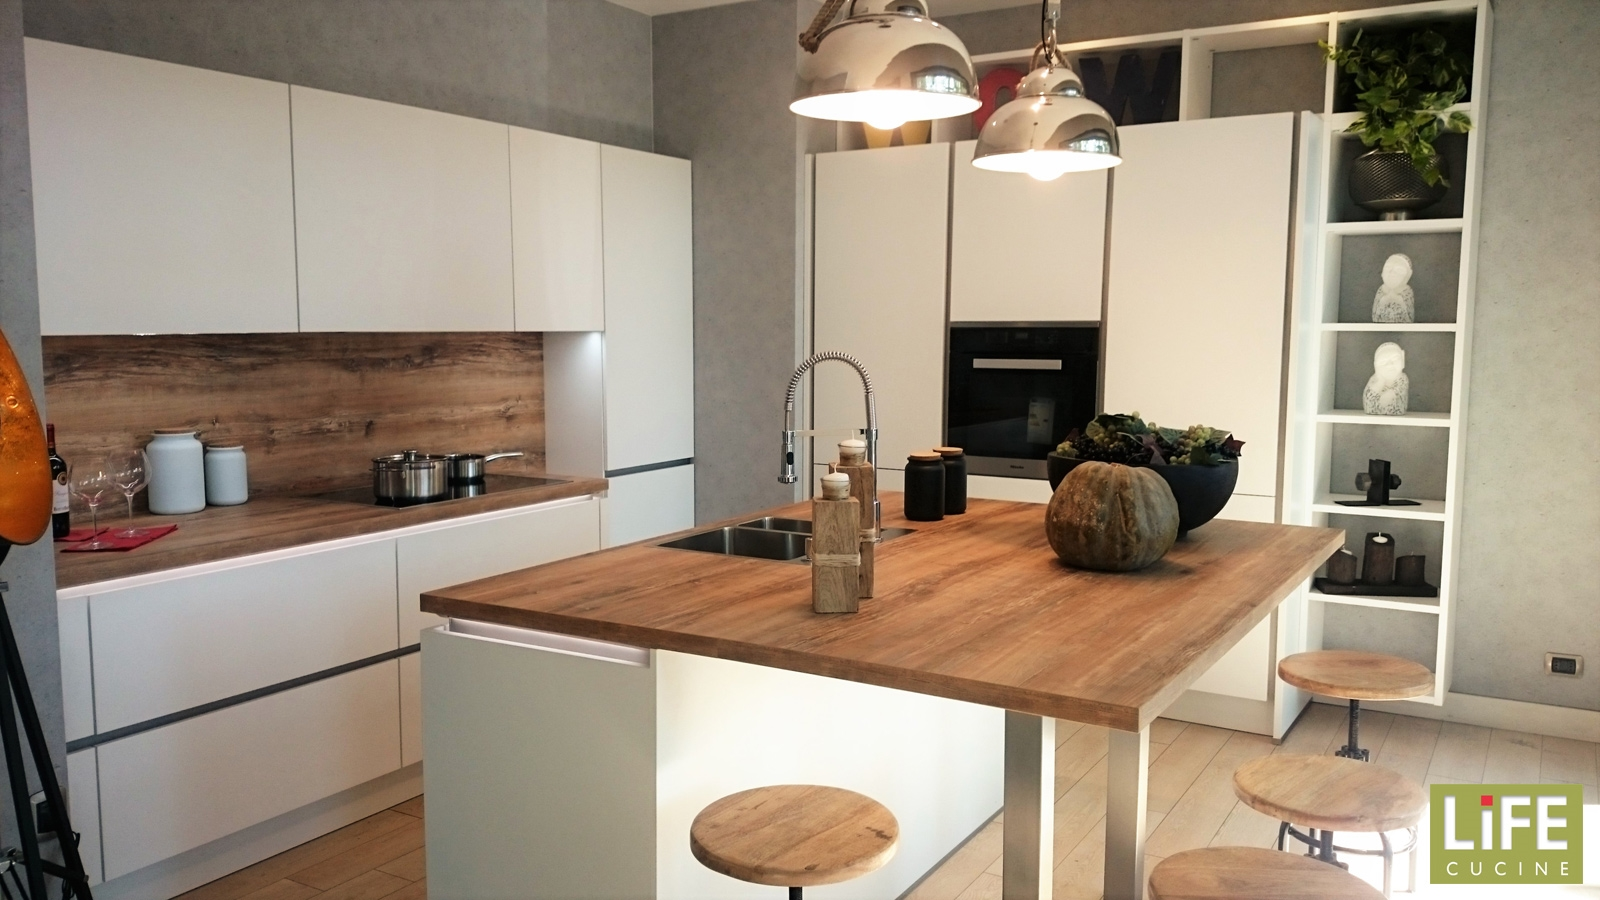 Cucina moderna life con gola e isola centrale for Cucine piccole con isola